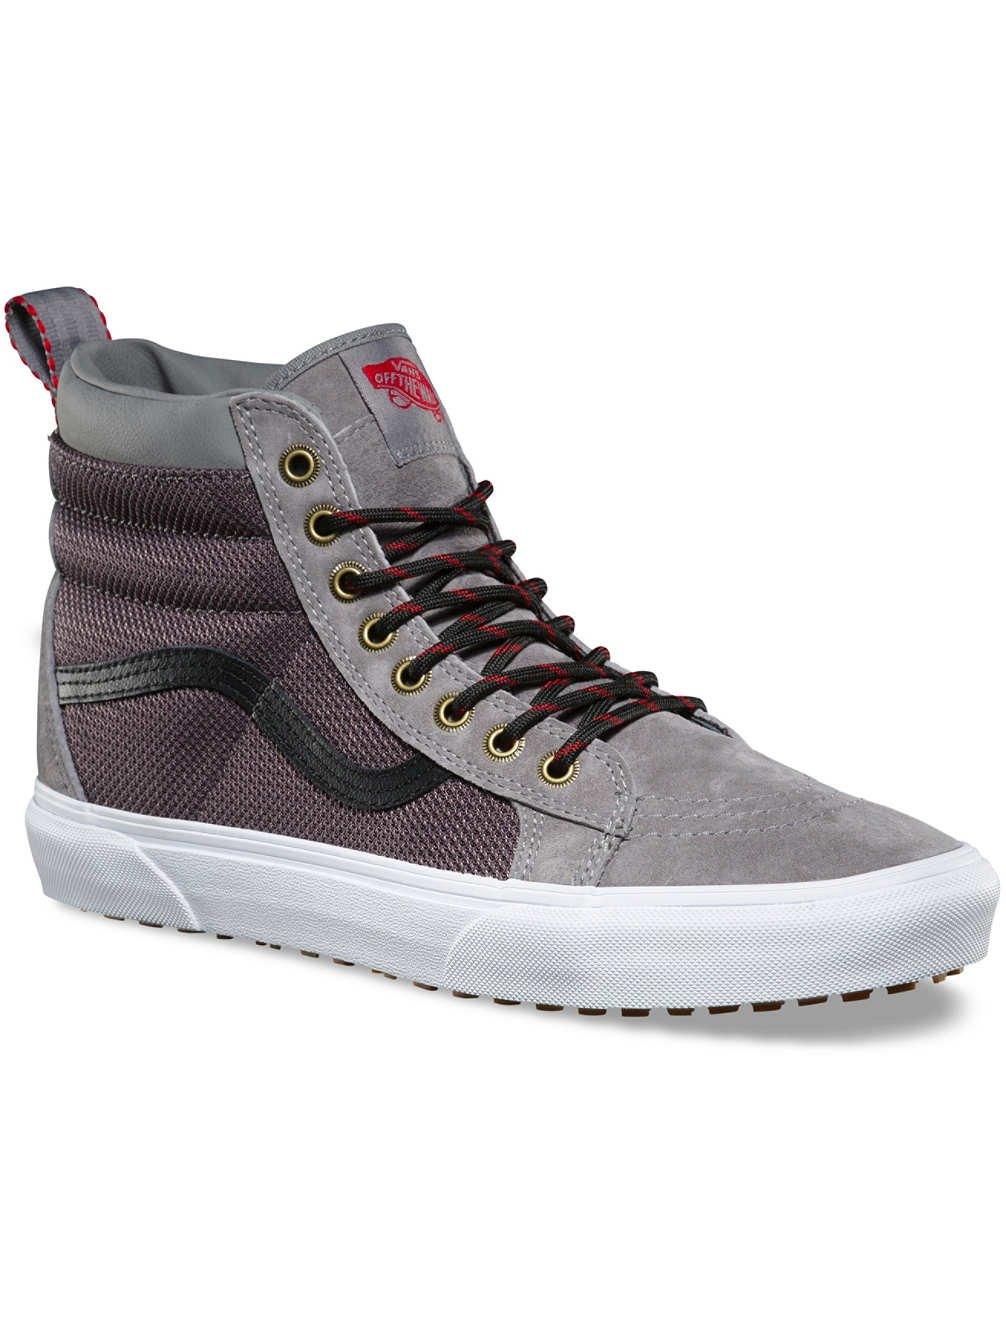 Vans SK8-Hi MTE Shoe - Frost Gray/Ballistic 7.5